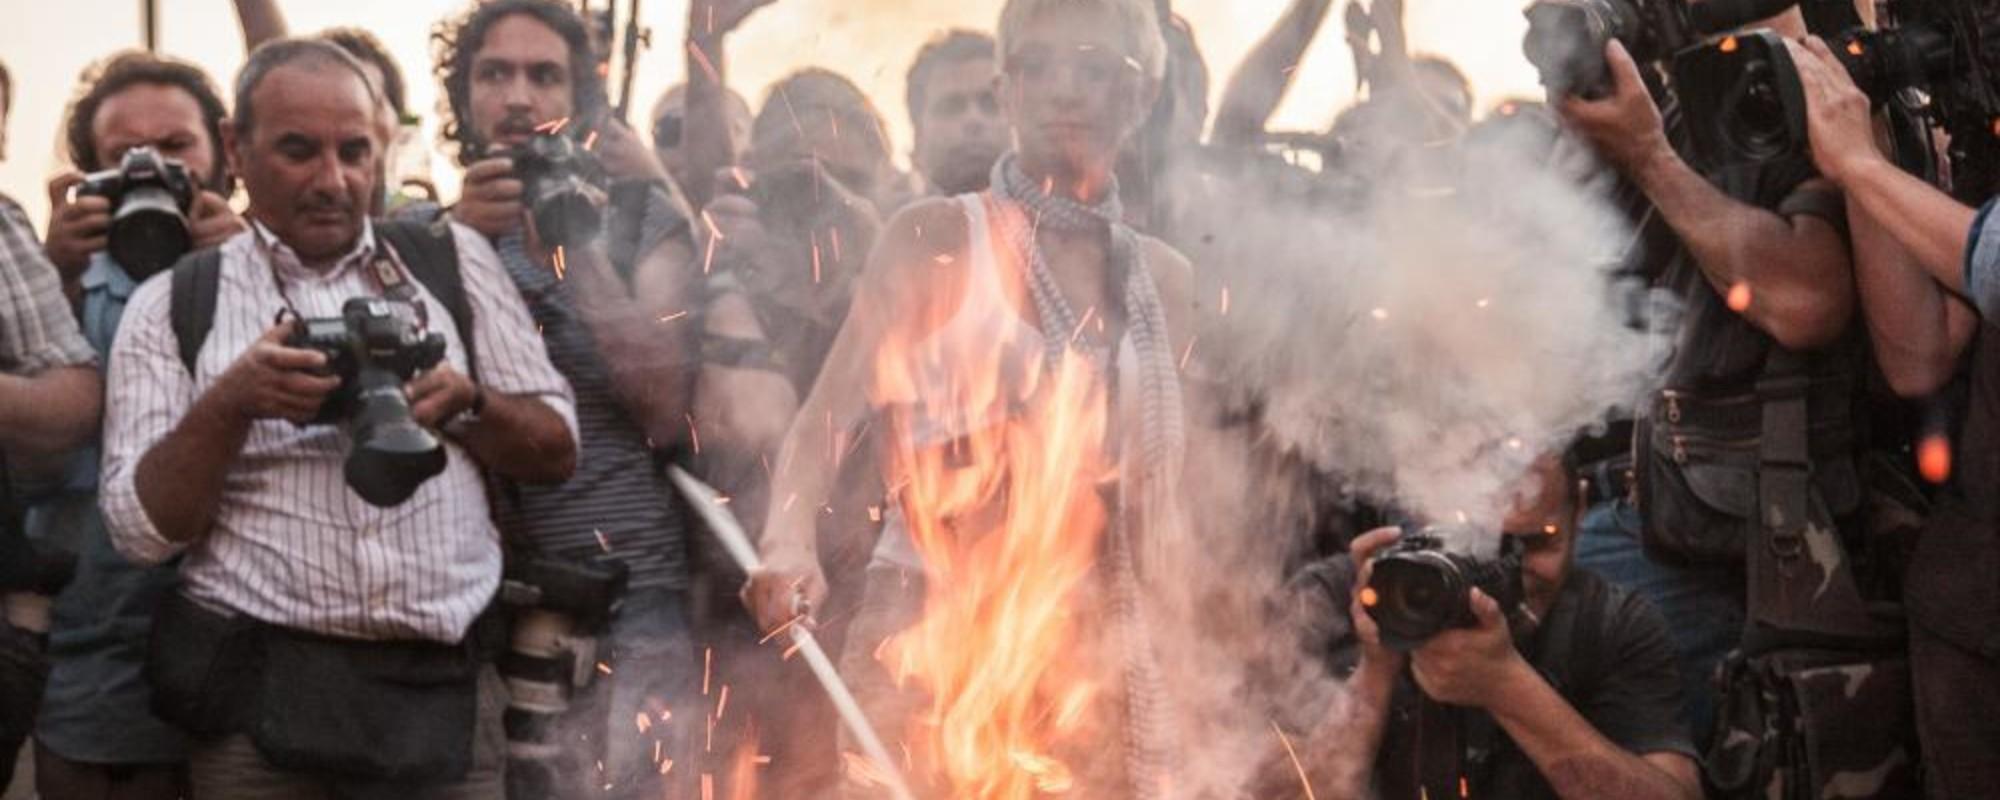 Fotos de jóvenes griegos manifestándose contra el rescate financiero